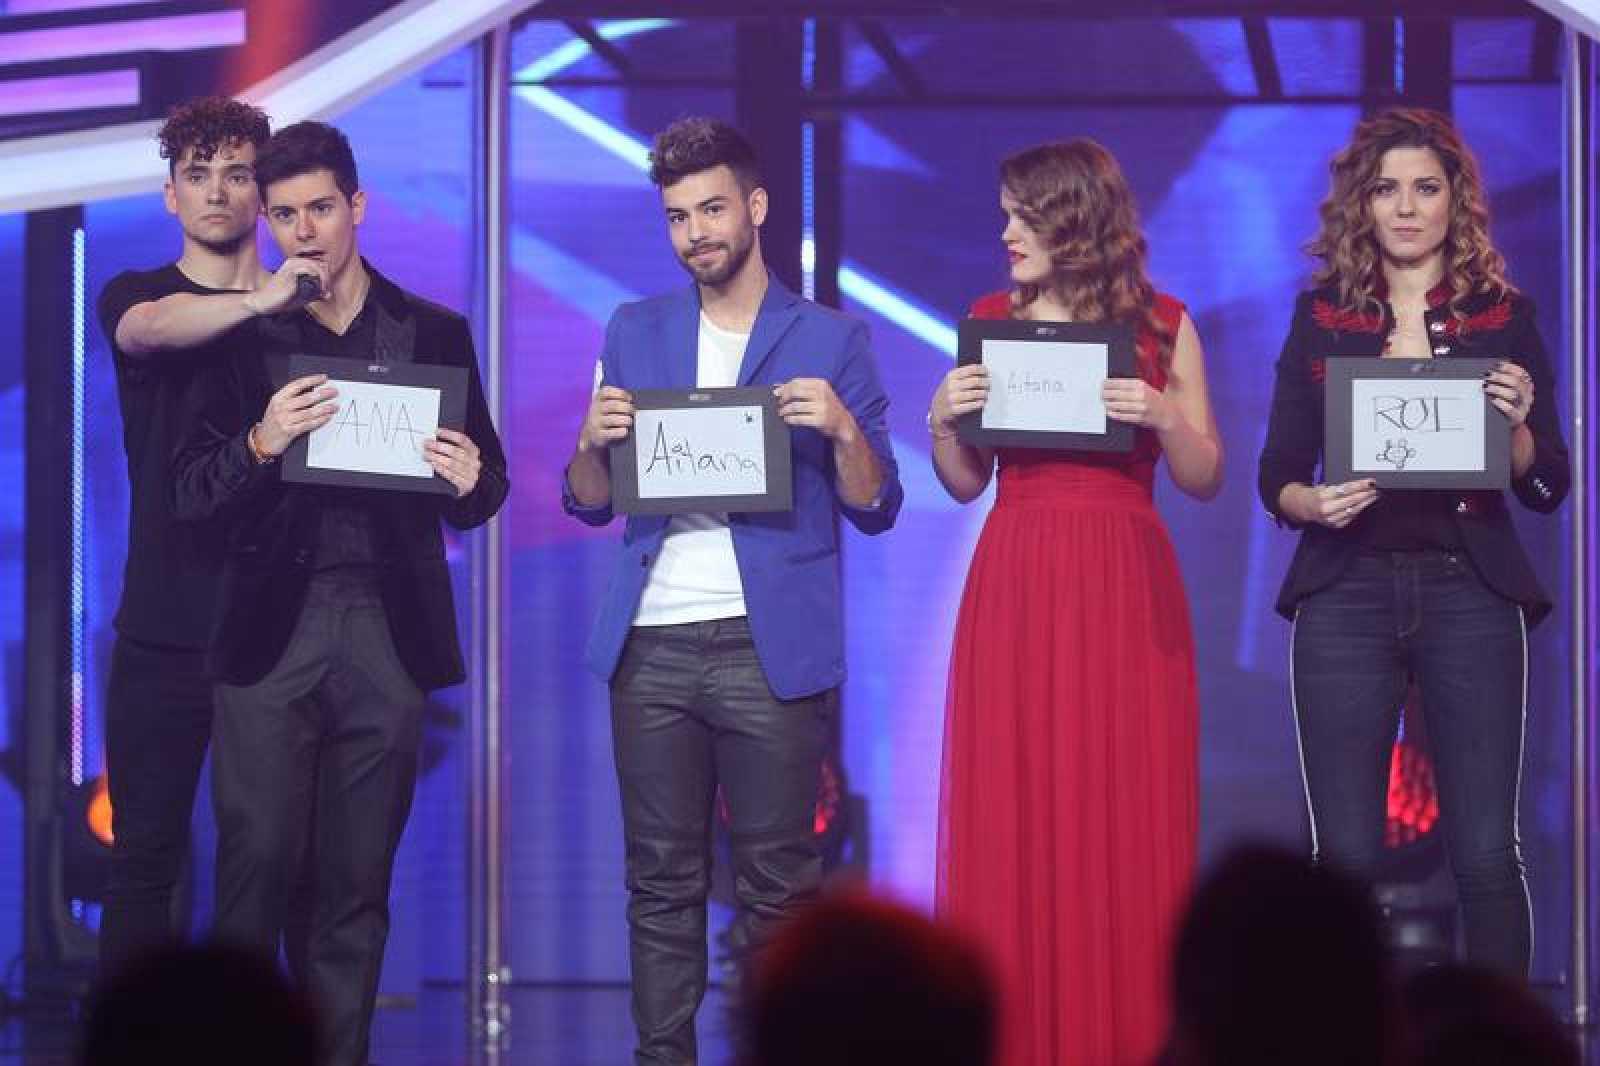 Alfred, Agoney, Amaia y Miriam muestran sus pizarras en la Gala 10 de OT